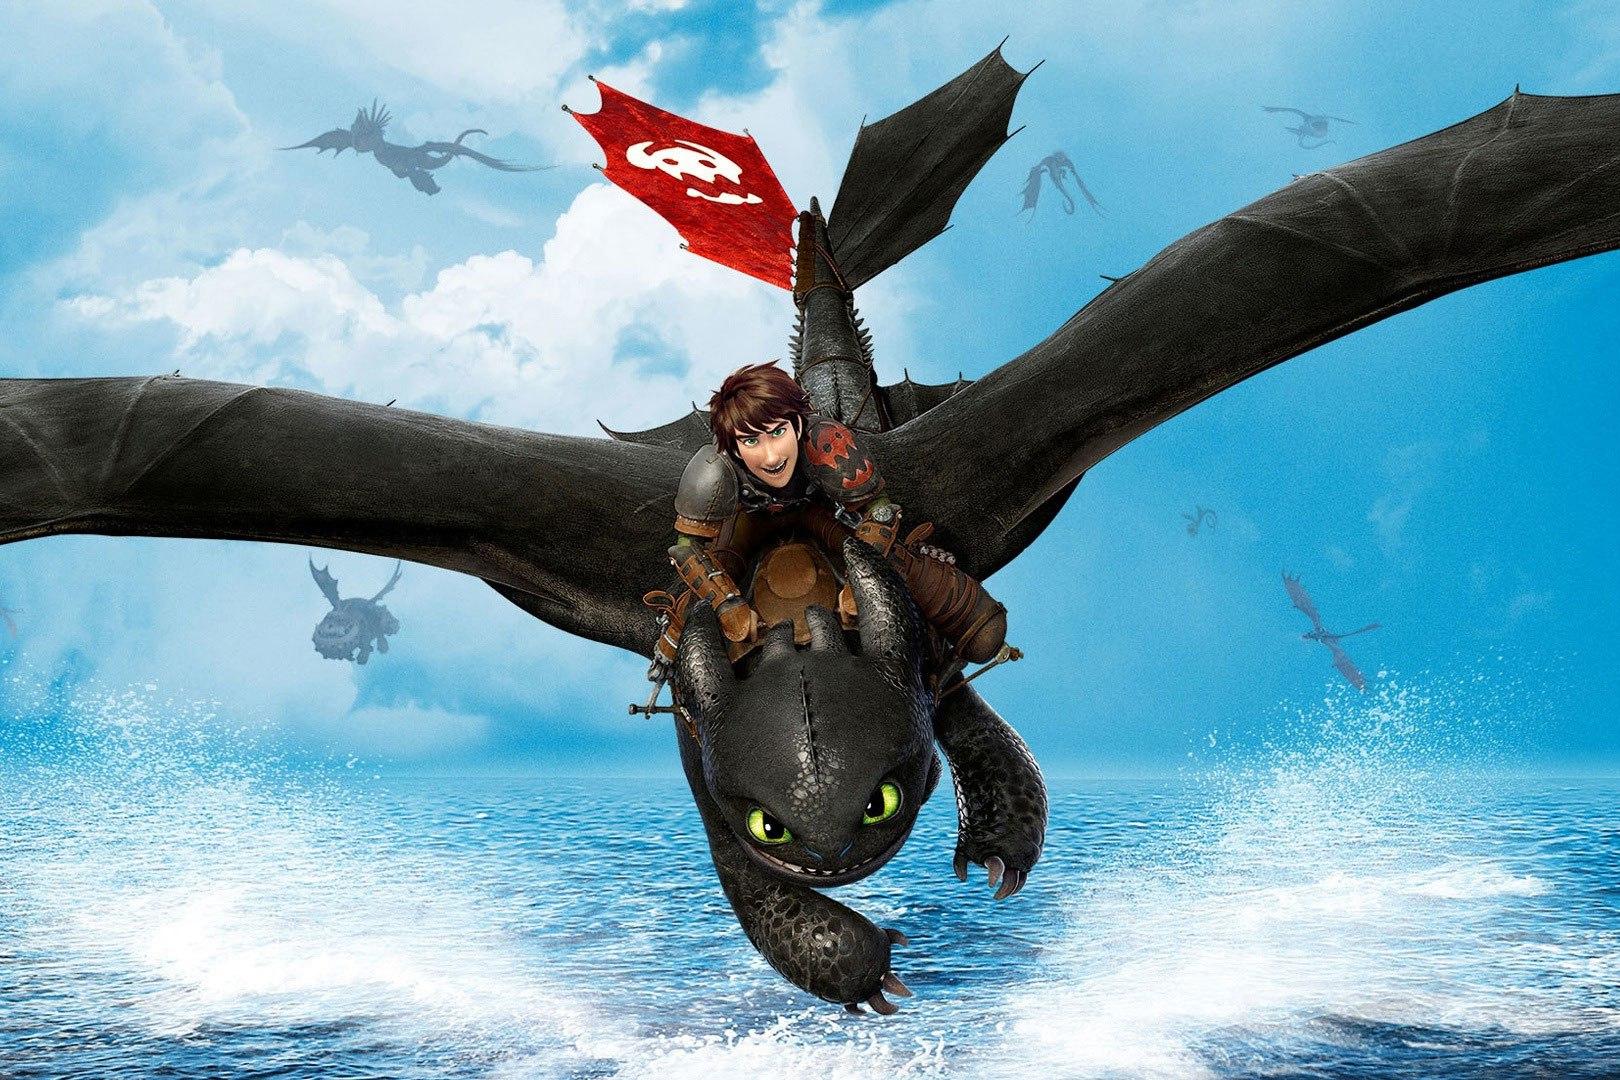 Как приручить дракона 3 2019 мультфильм | трейлер, дата в 2019 году